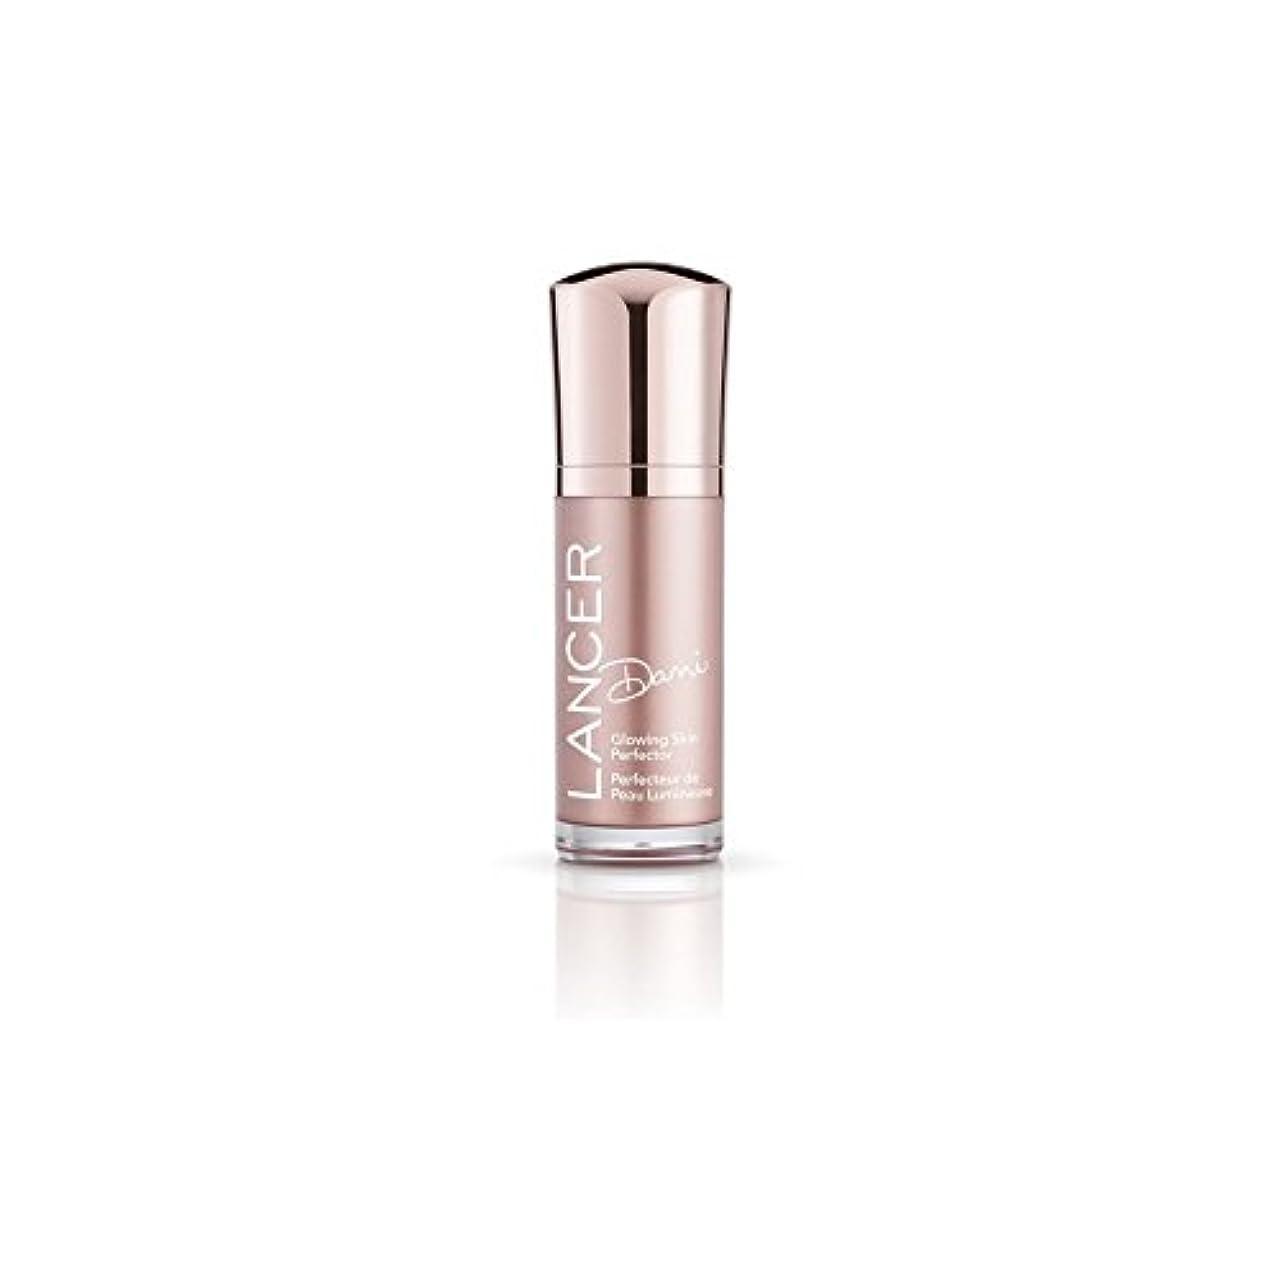 Lancer Skincare Dani Glowing Skin Perfector (30ml) - スキンパーフェク輝くランサースキンケアダニ(30ミリリットル) [並行輸入品]